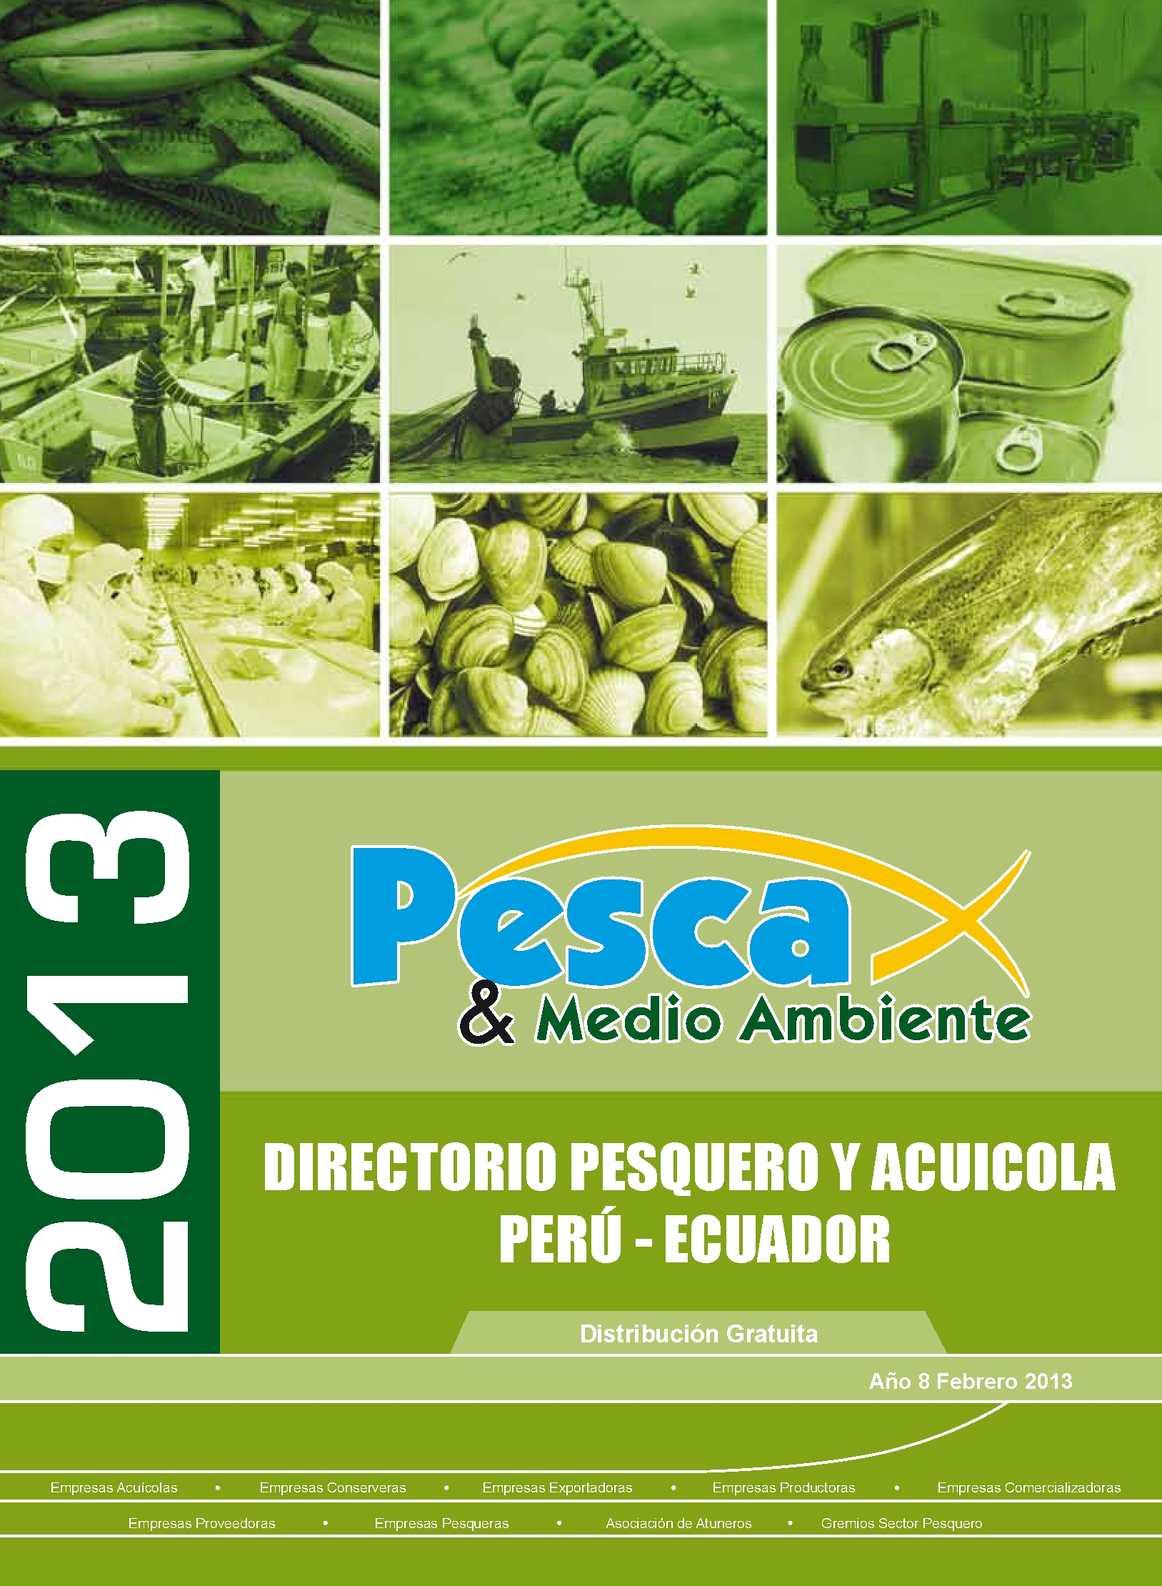 DIRECTORIO PESQUERO Y ACUICOLA PERU-ECUADOR N° 54